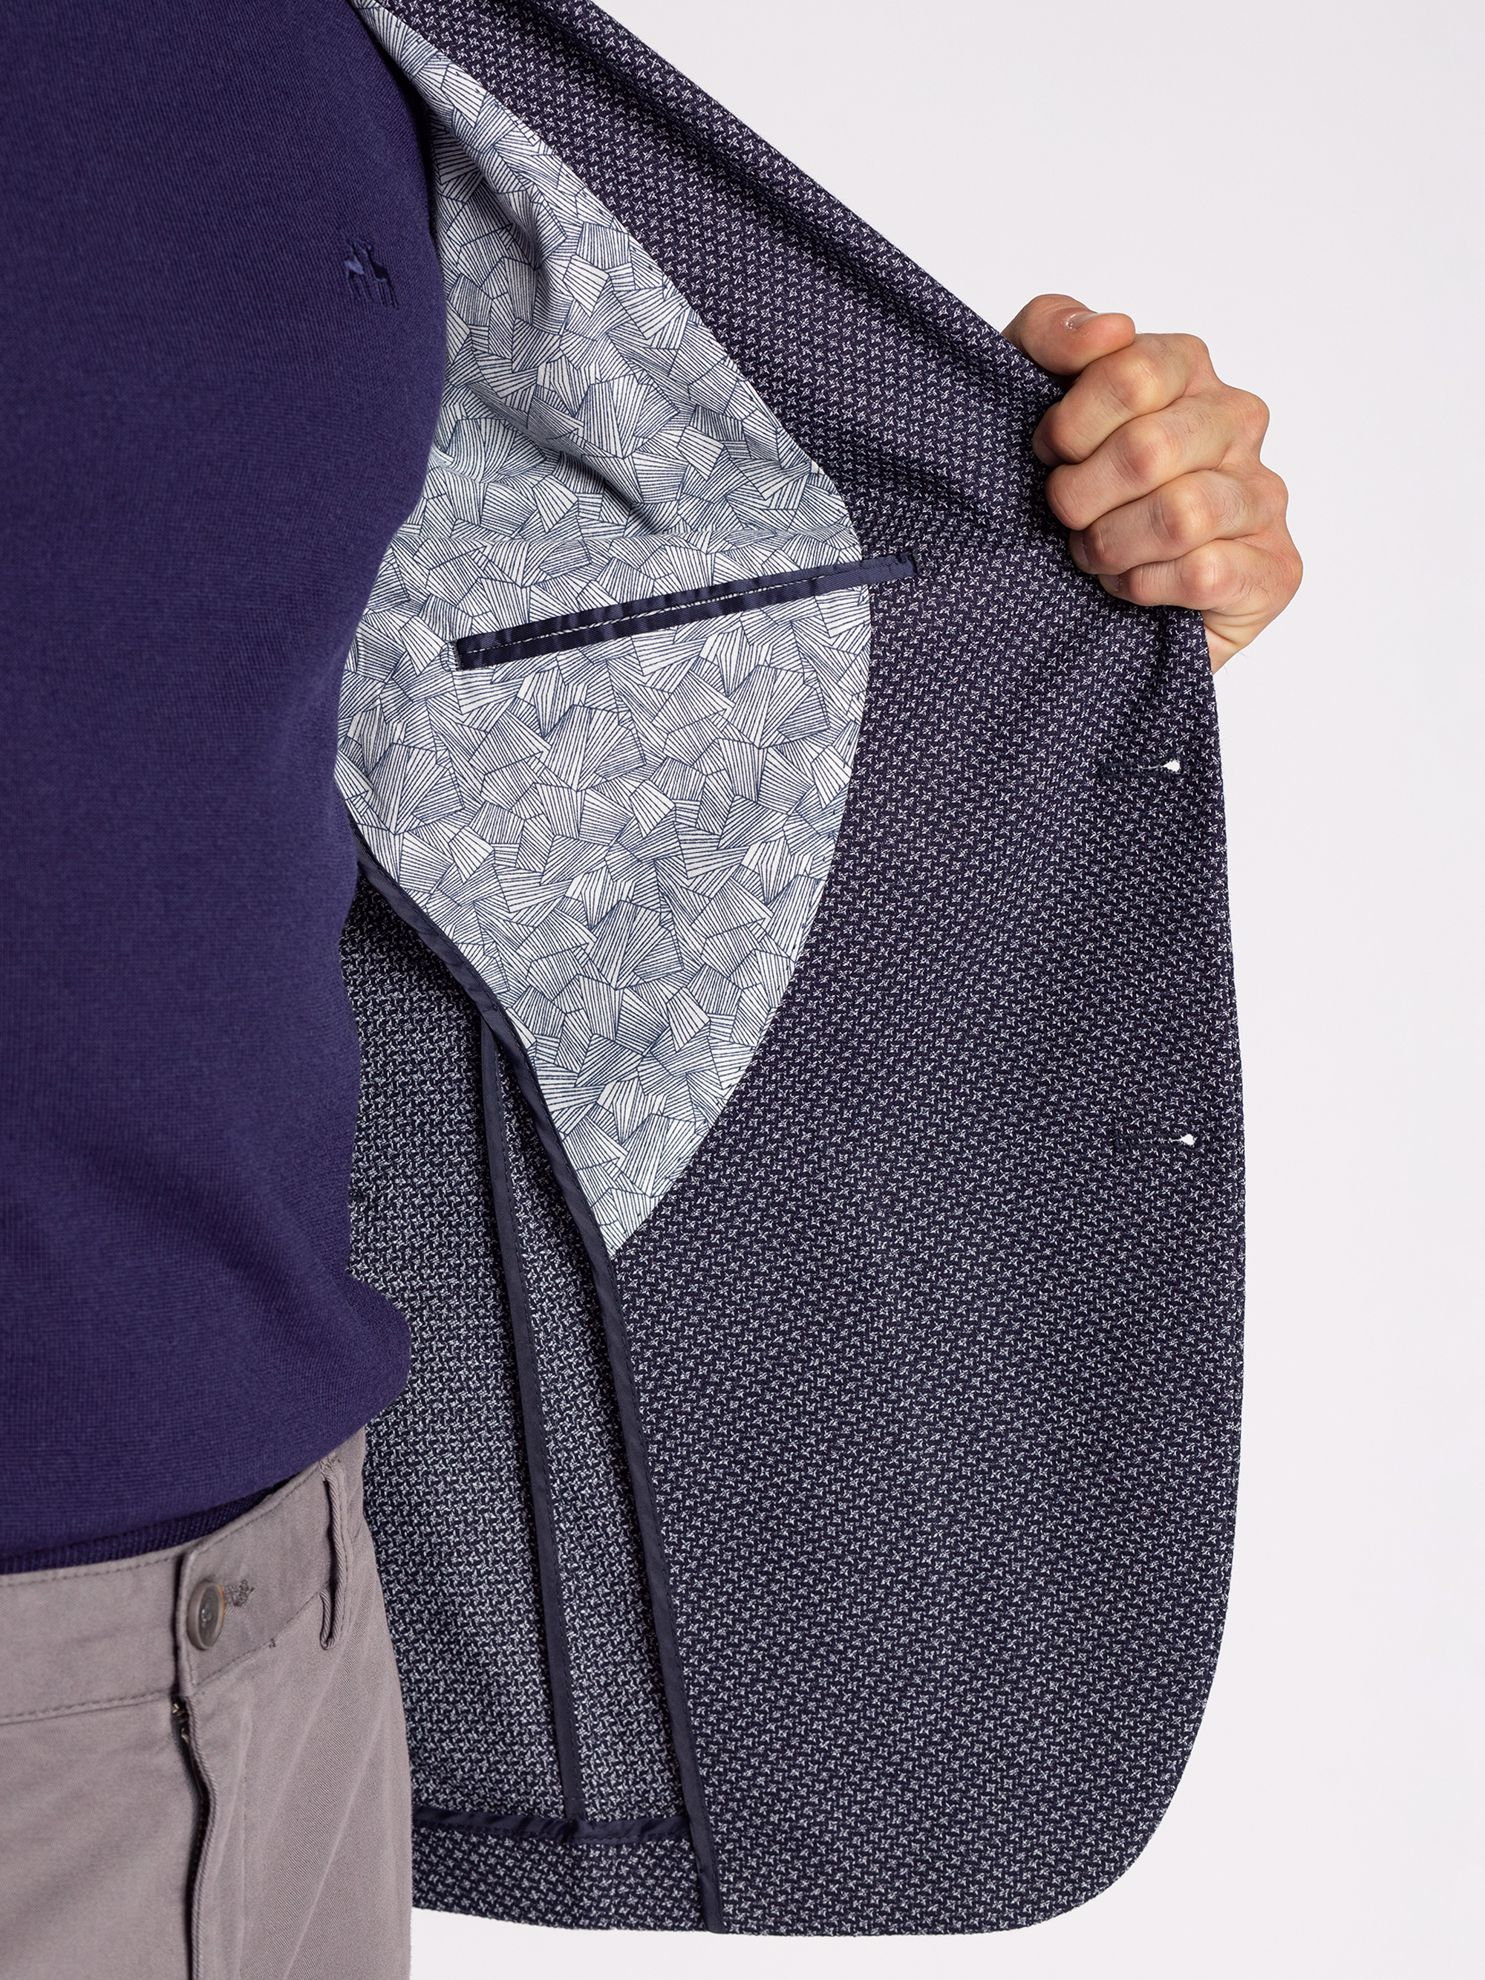 Toss Erkek 6 Drop Ceket-Lacivert. ürün görseli